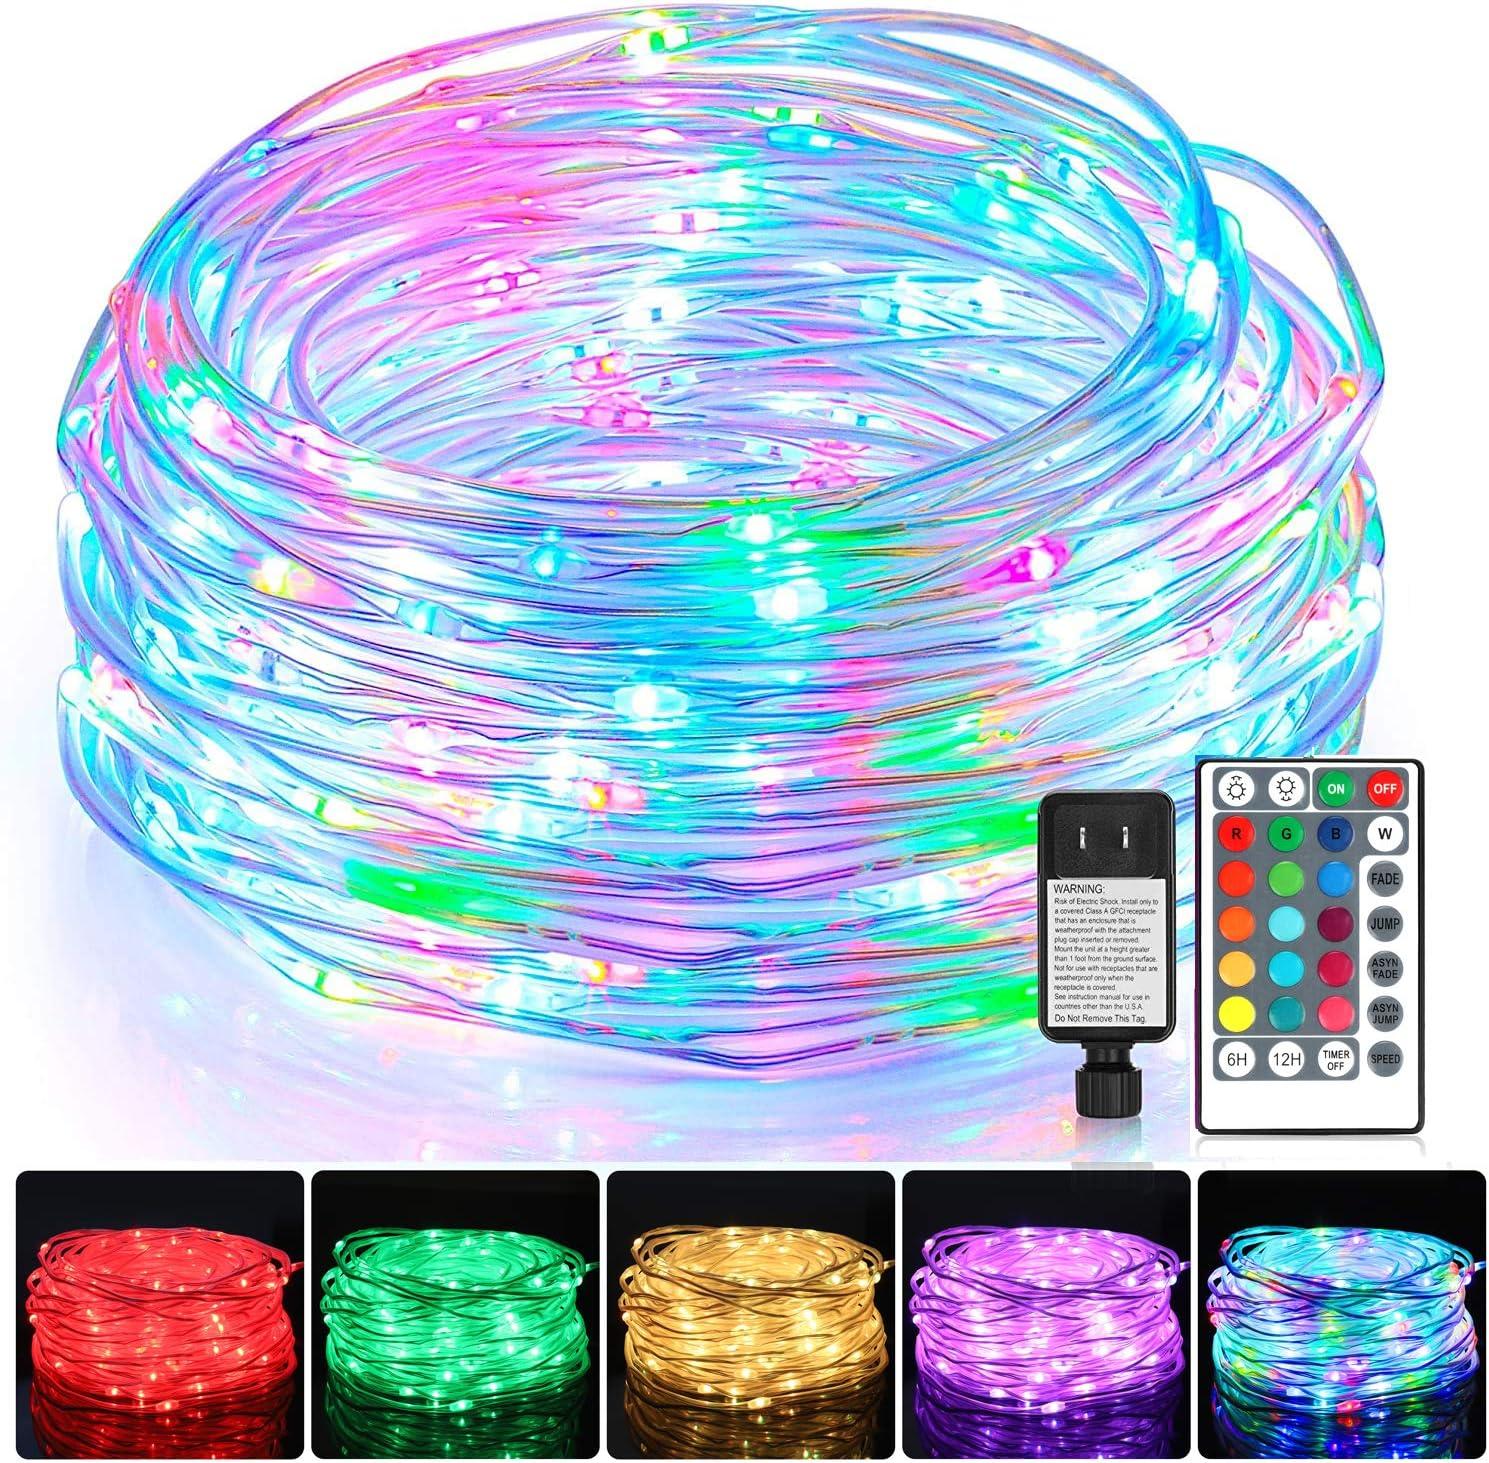 OFFer WENFENG 52FT 160 LED Color Changing Led Lights Outdoor Wat Rope Under blast sales